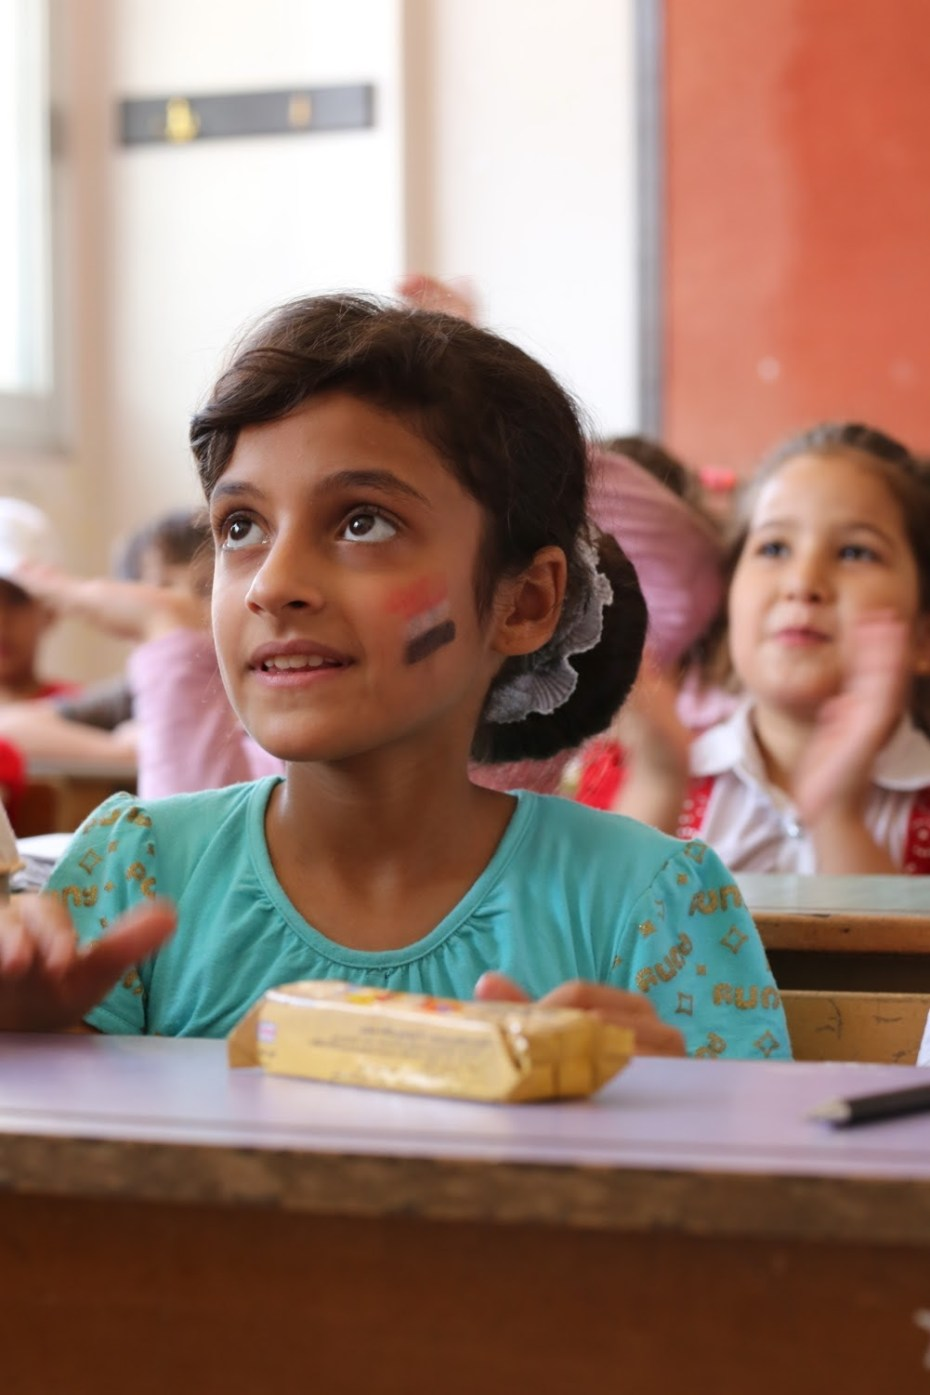 UNICEF Syria/2015/Tomoya Sonoda